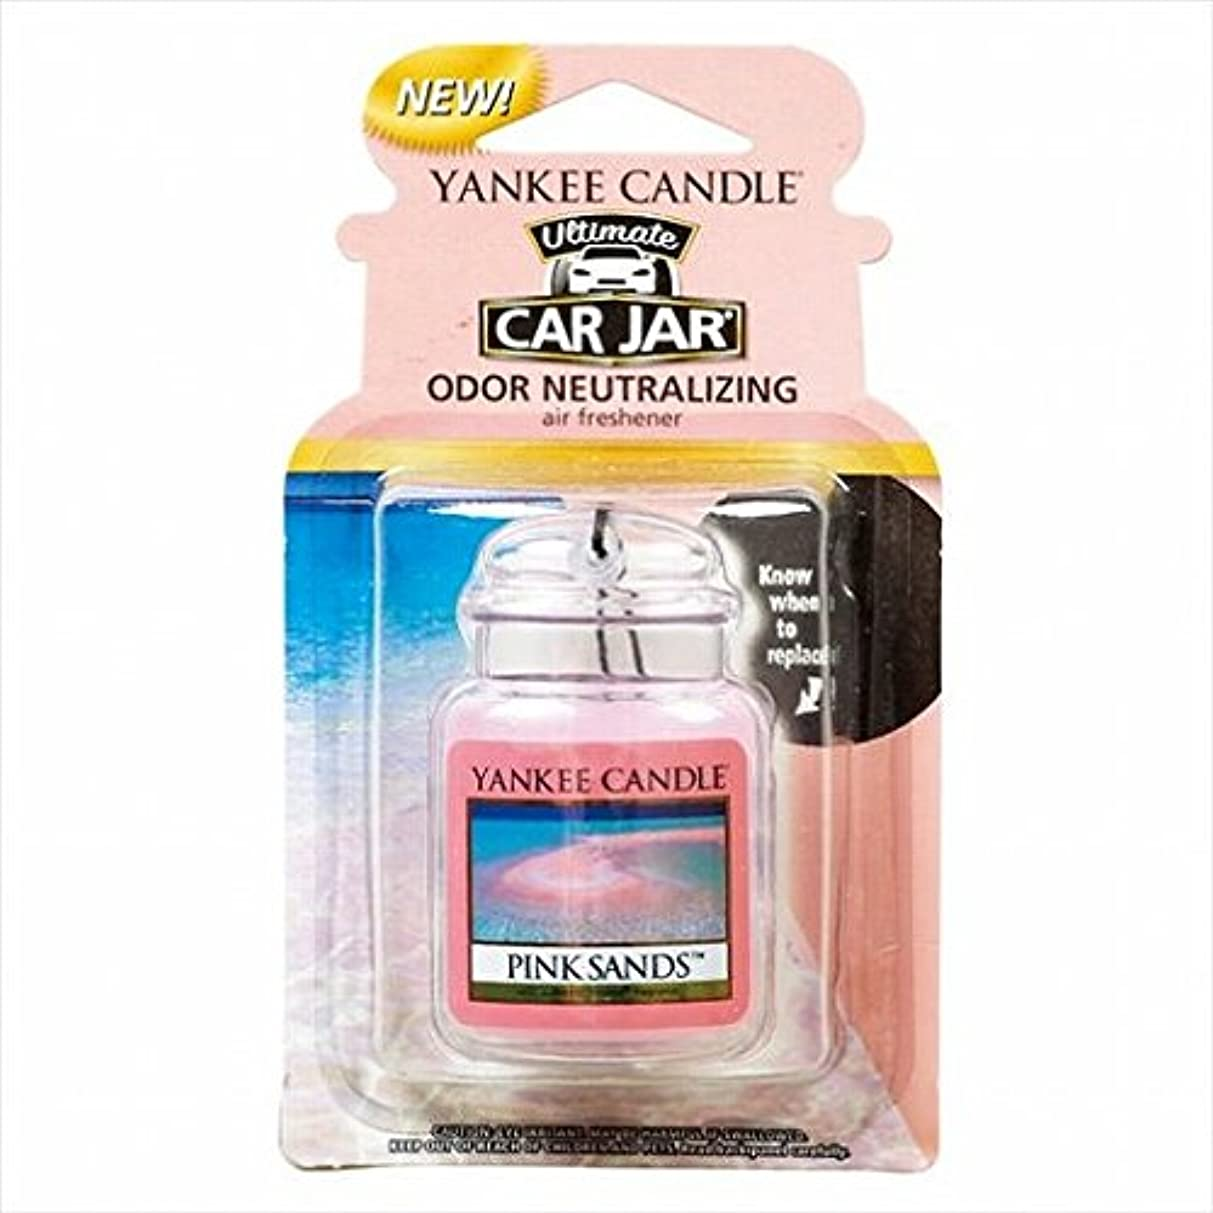 意気揚々ビクター測定可能カメヤマキャンドル( kameyama candle ) YANKEE CANDLE ネオカージャー 「 ピンクサンド 」